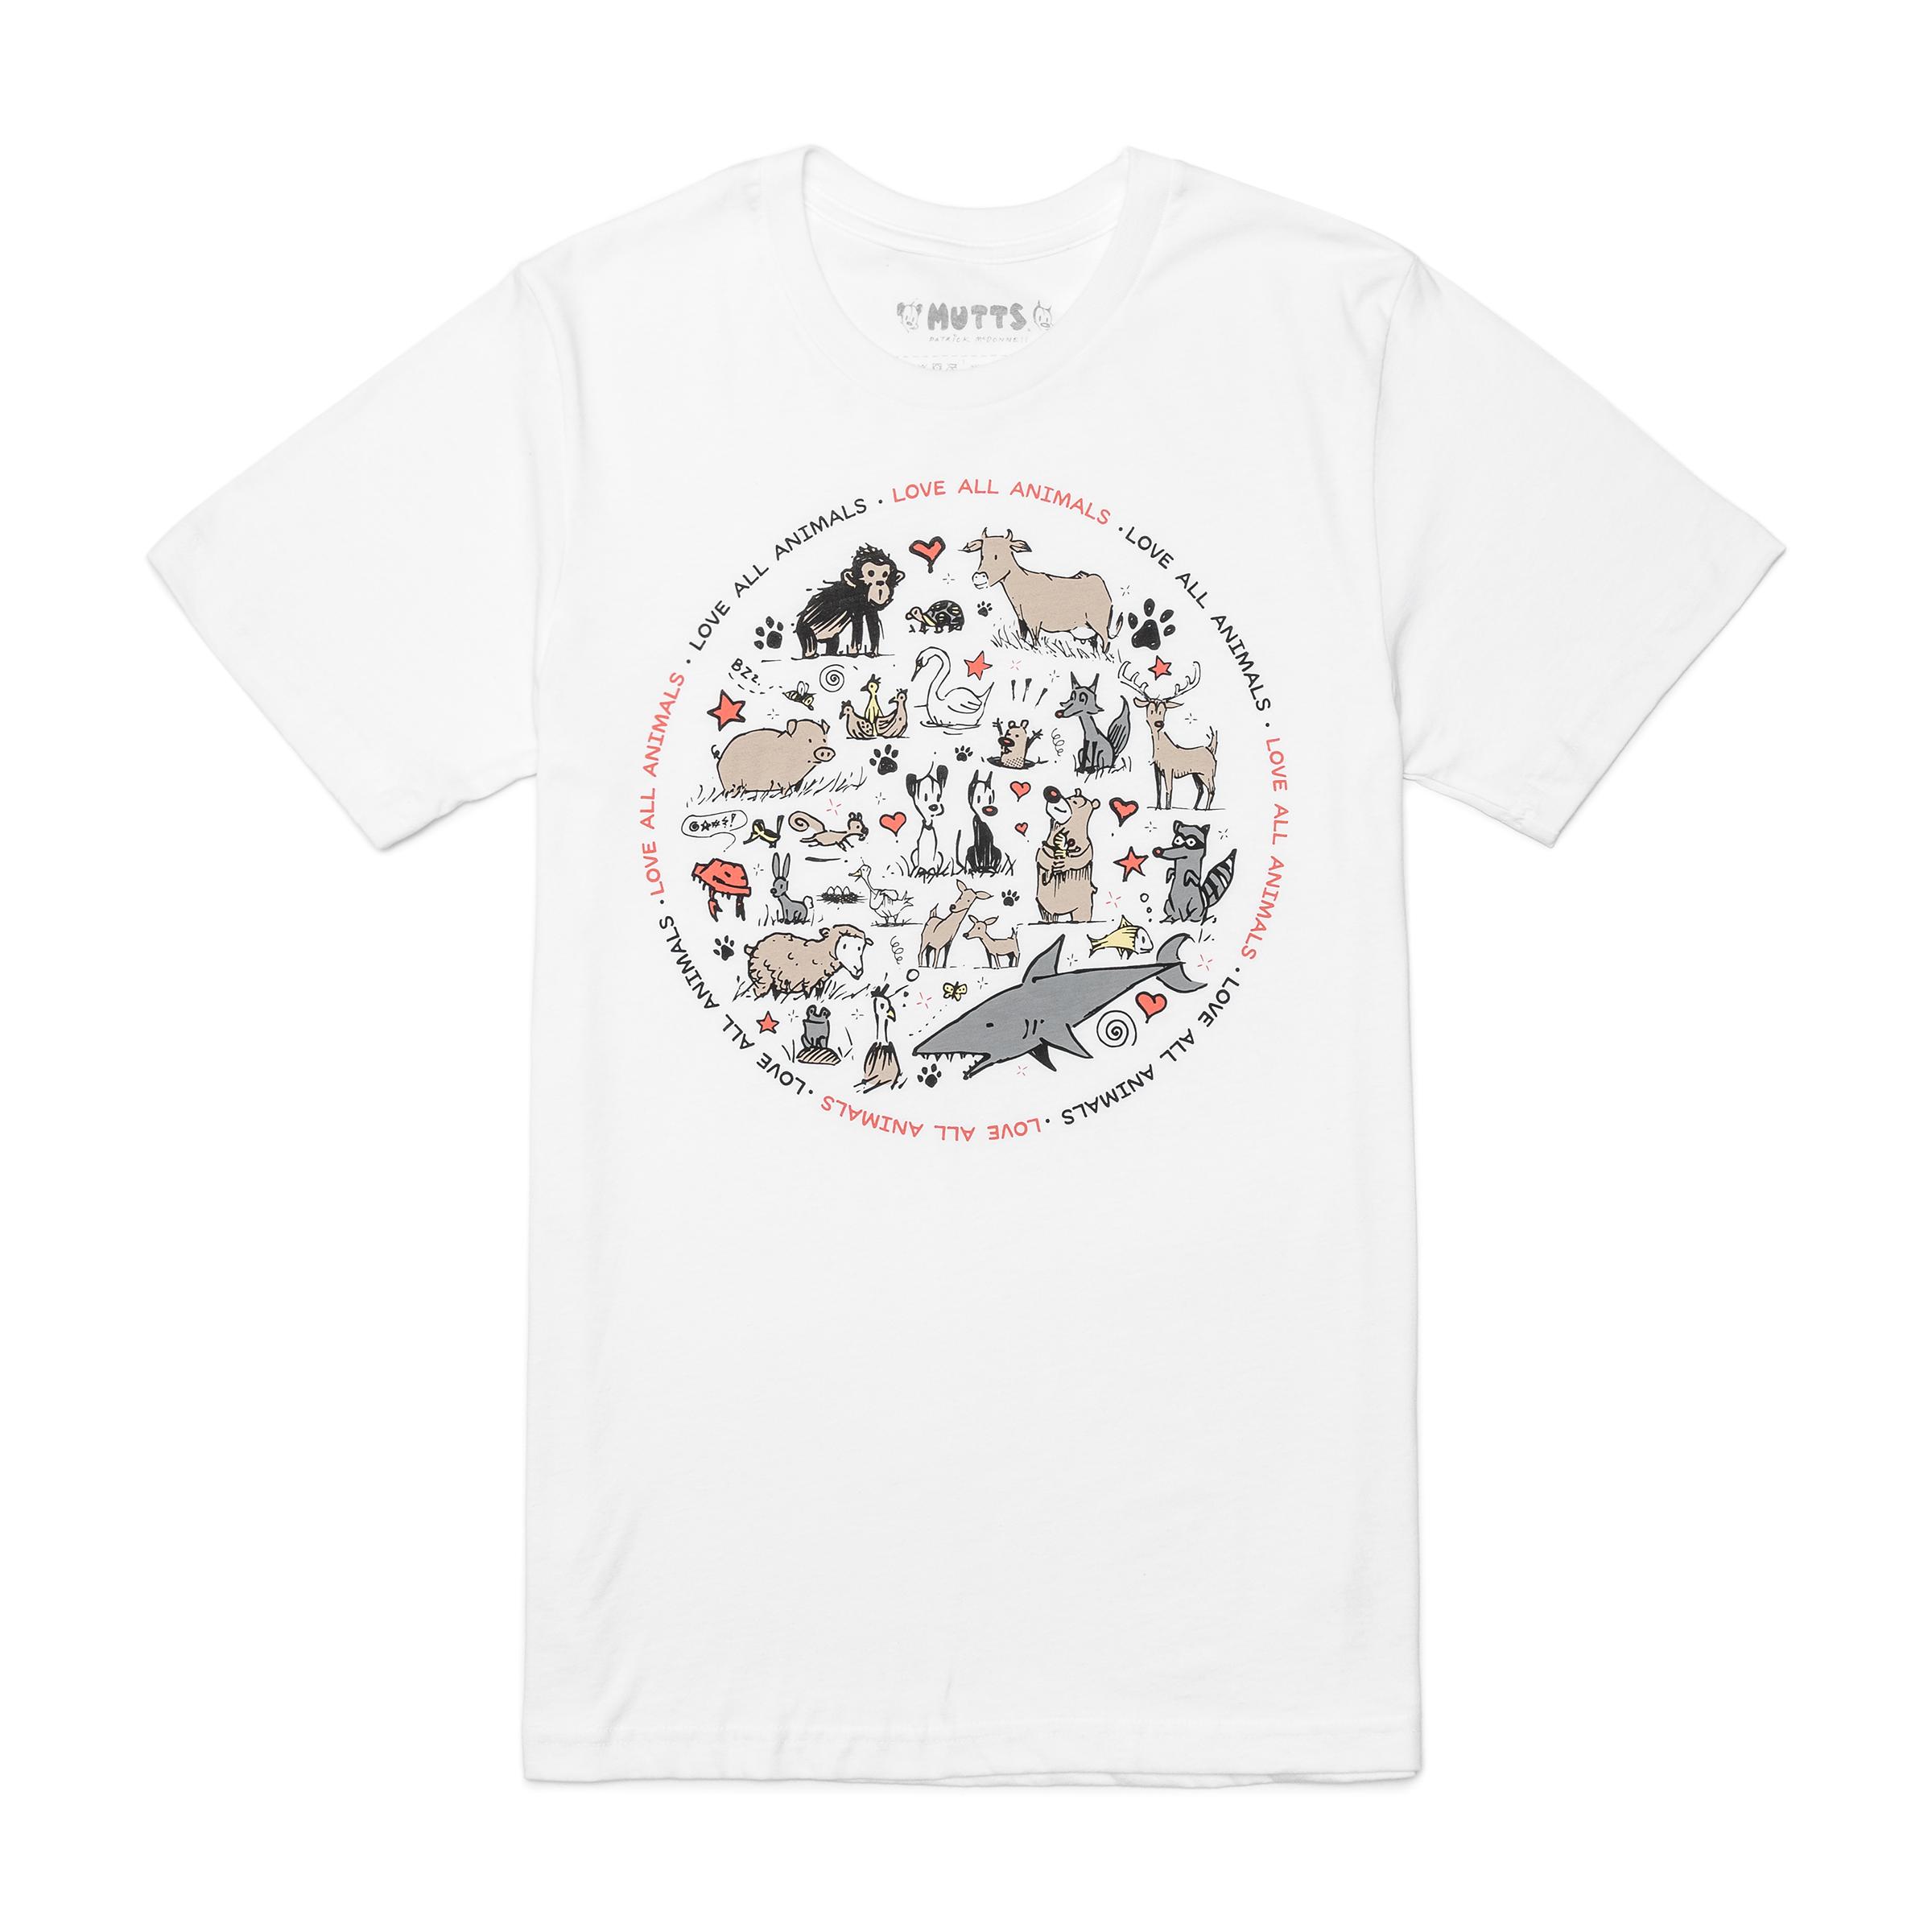 white t-shirt product image